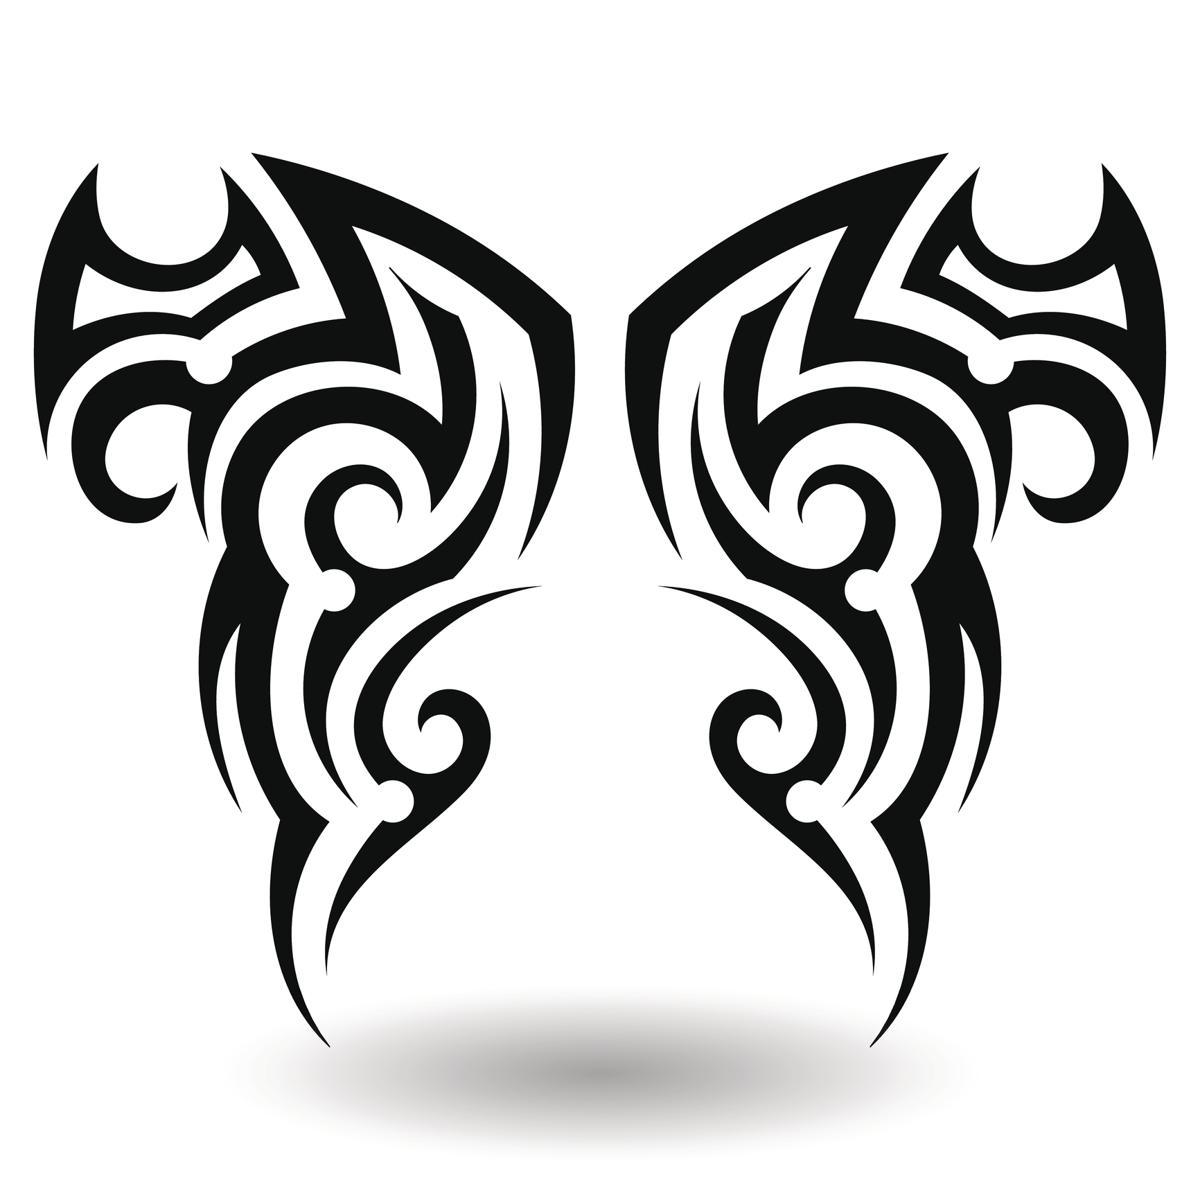 Tattoo Images Tribal: Filipino Tribal Tattoos